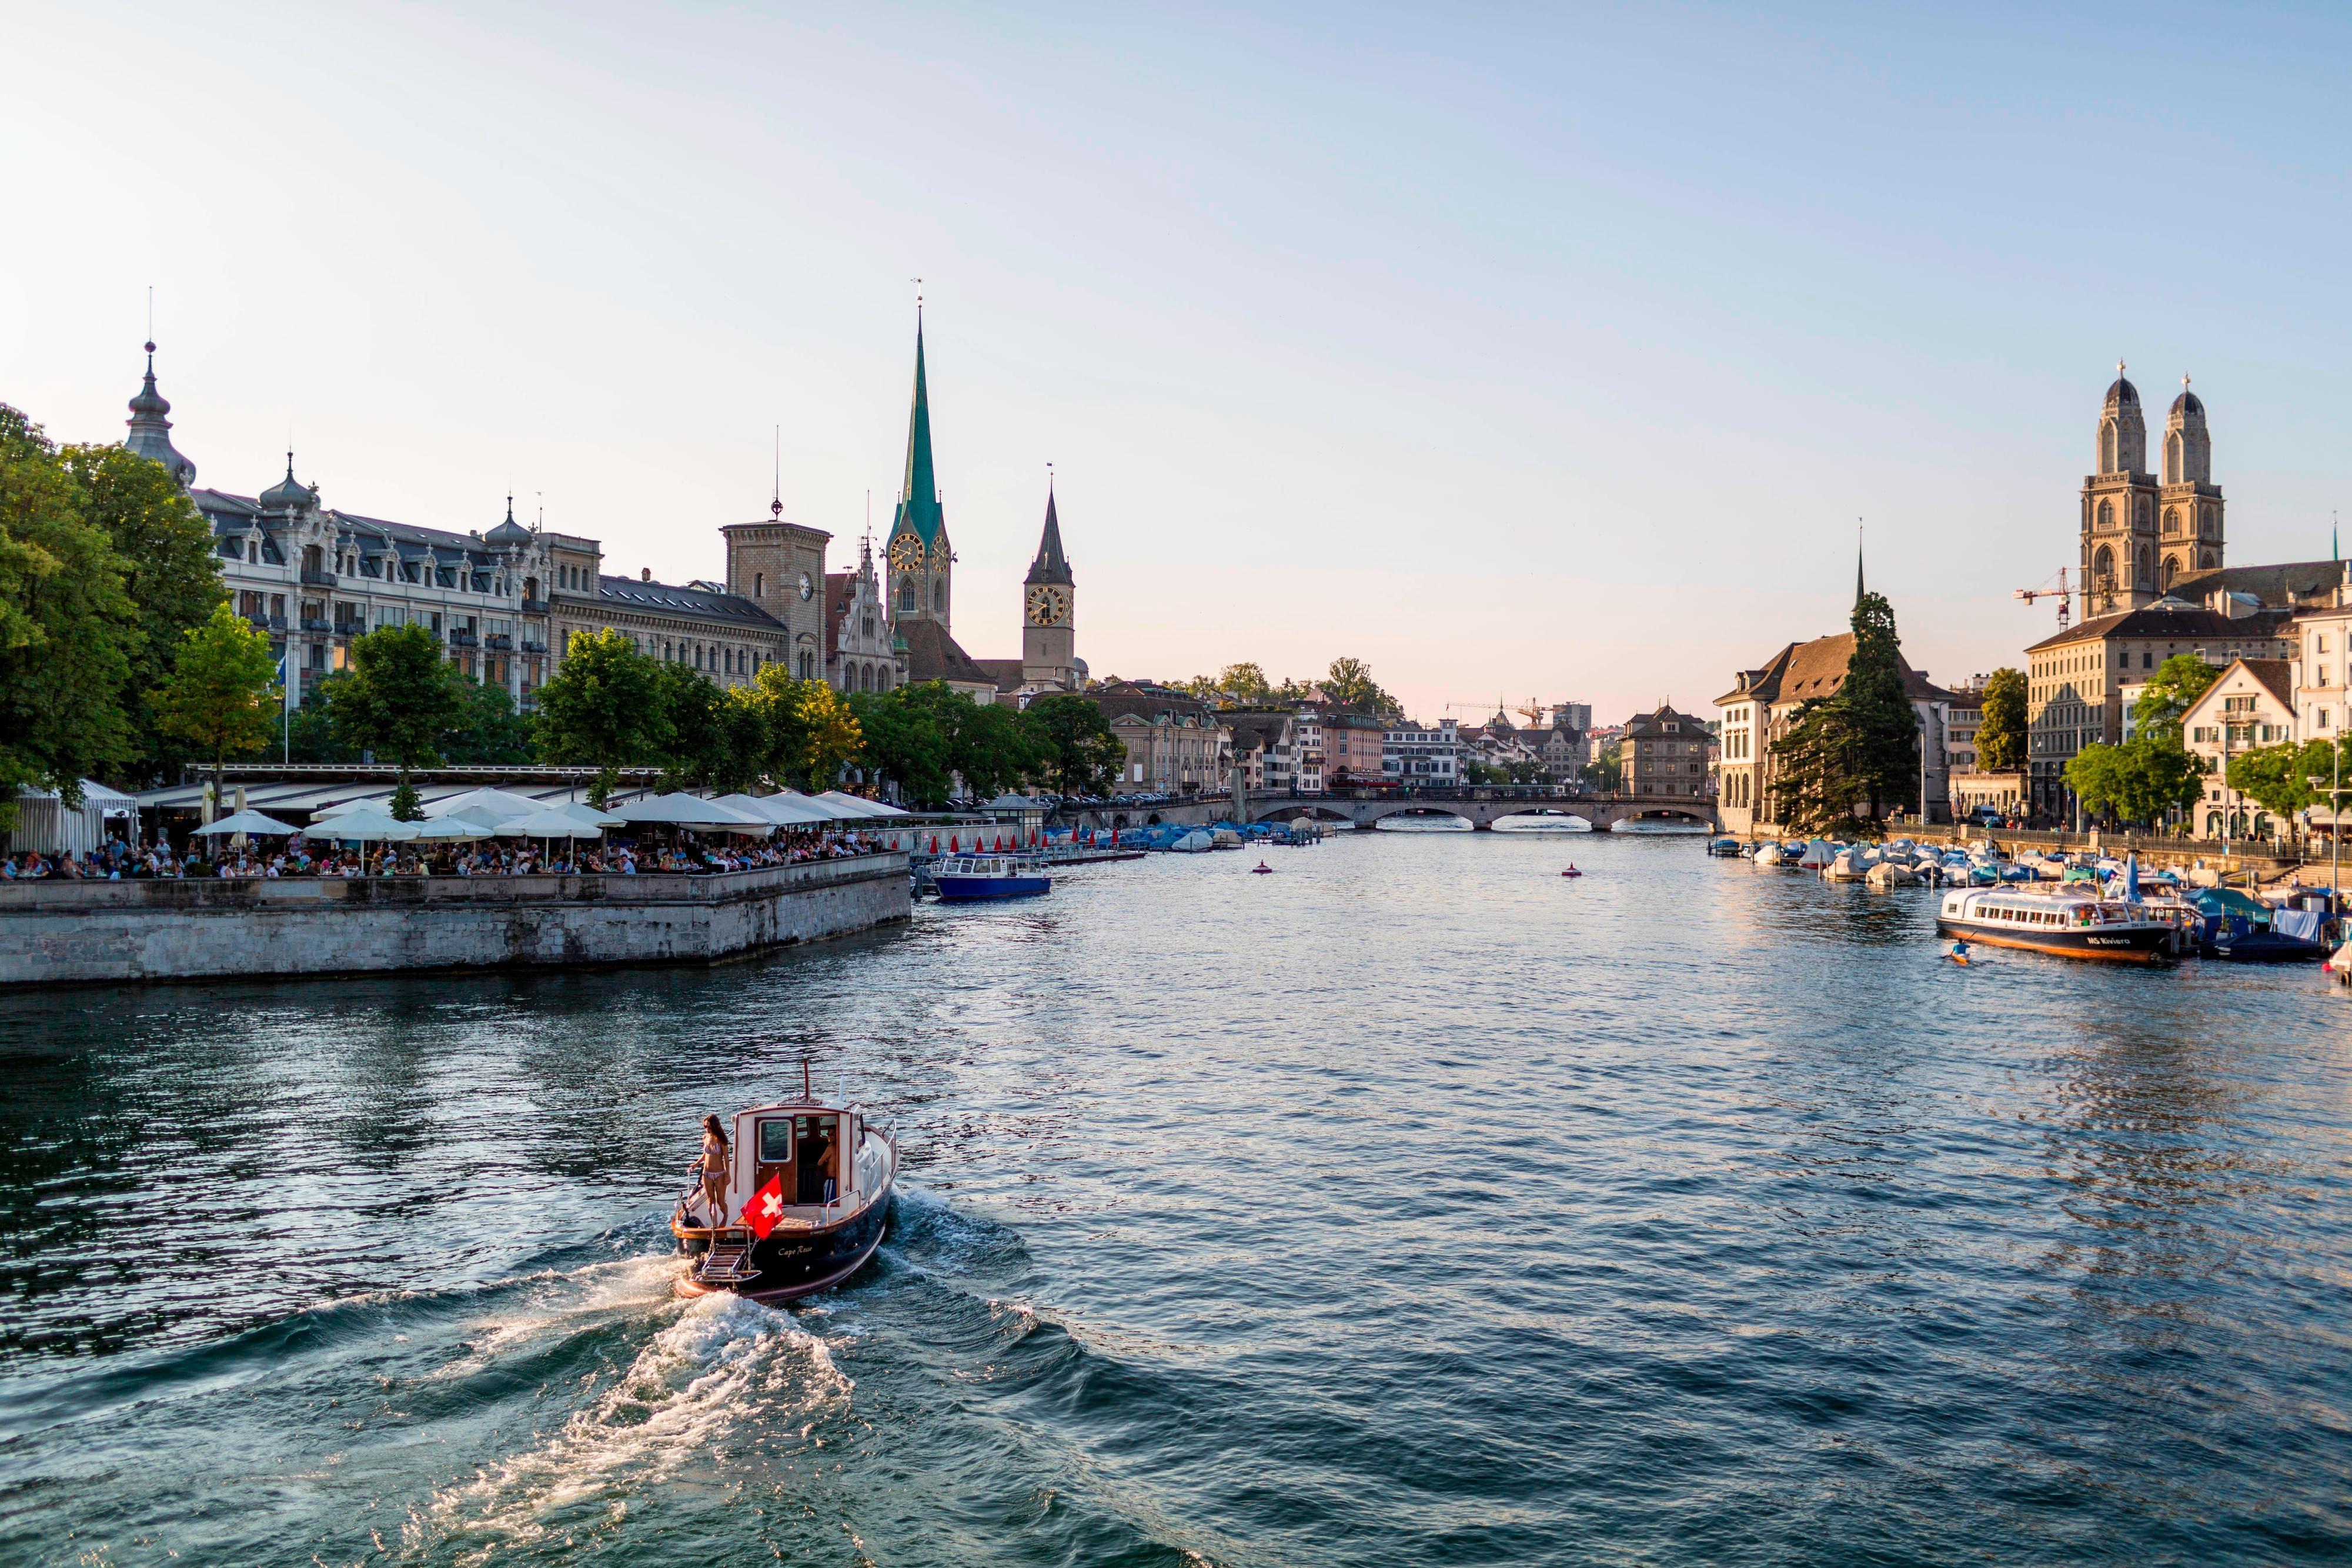 Zurich River City Center